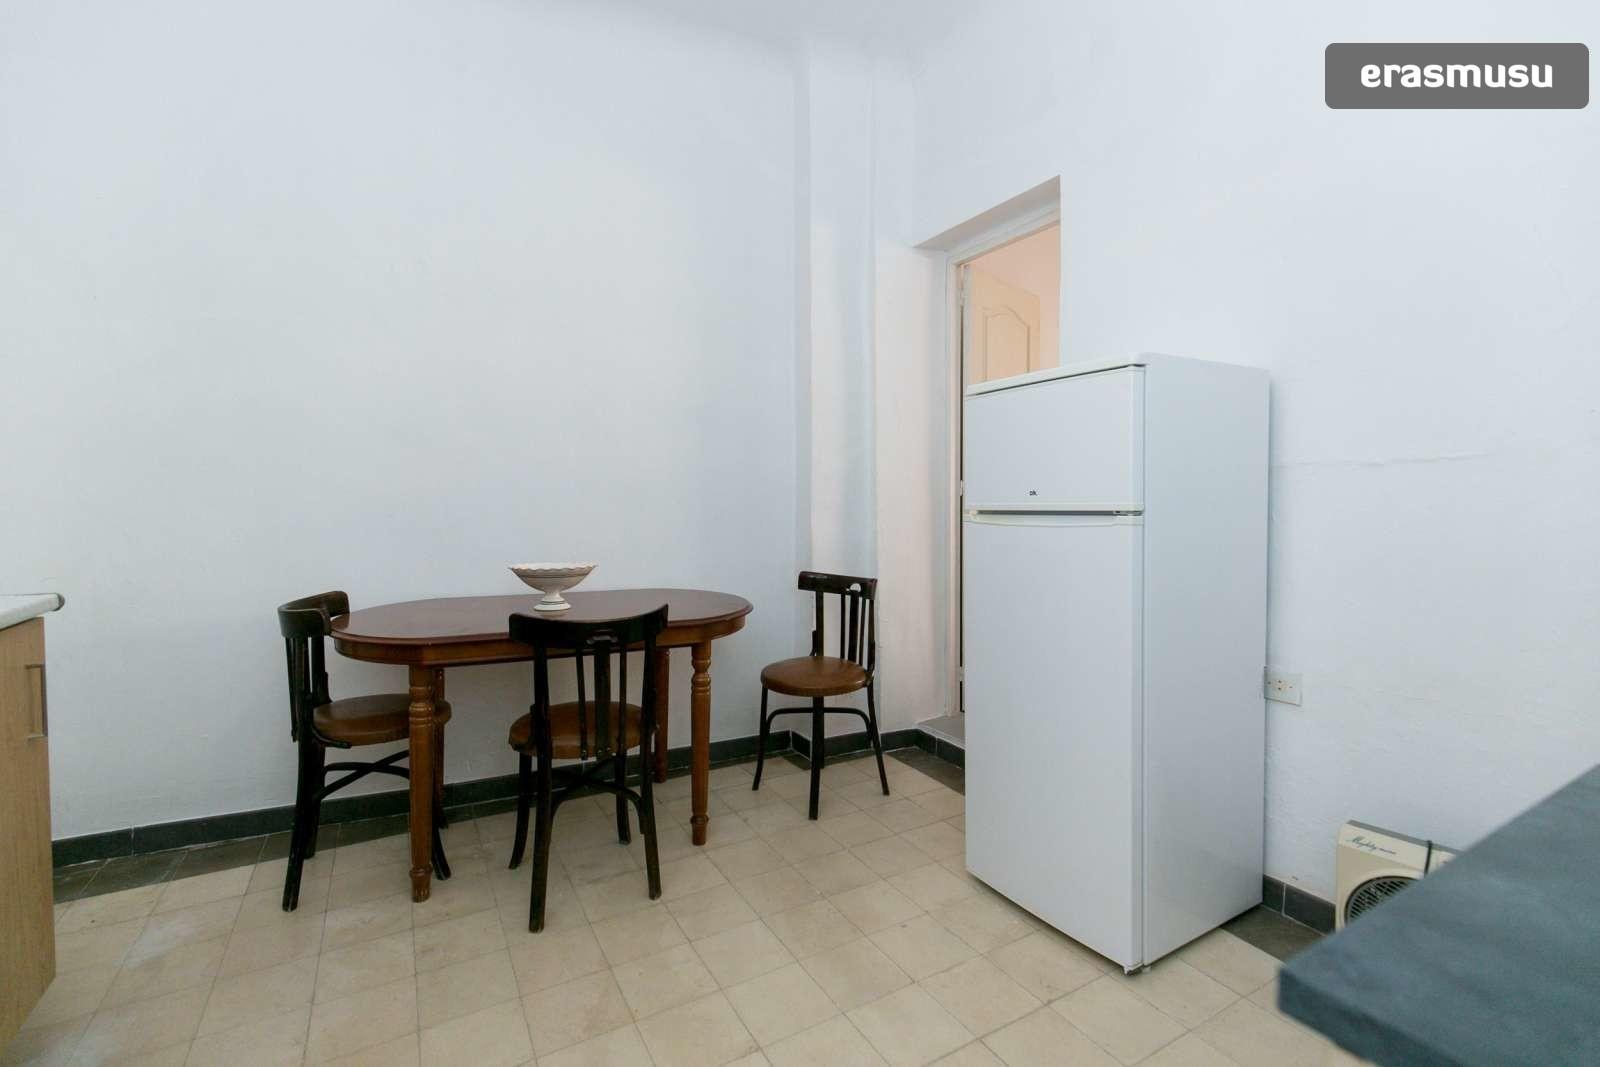 spacious-3-bedroom-apartment-rent-realejo-a6ad532fd4824a3889800d